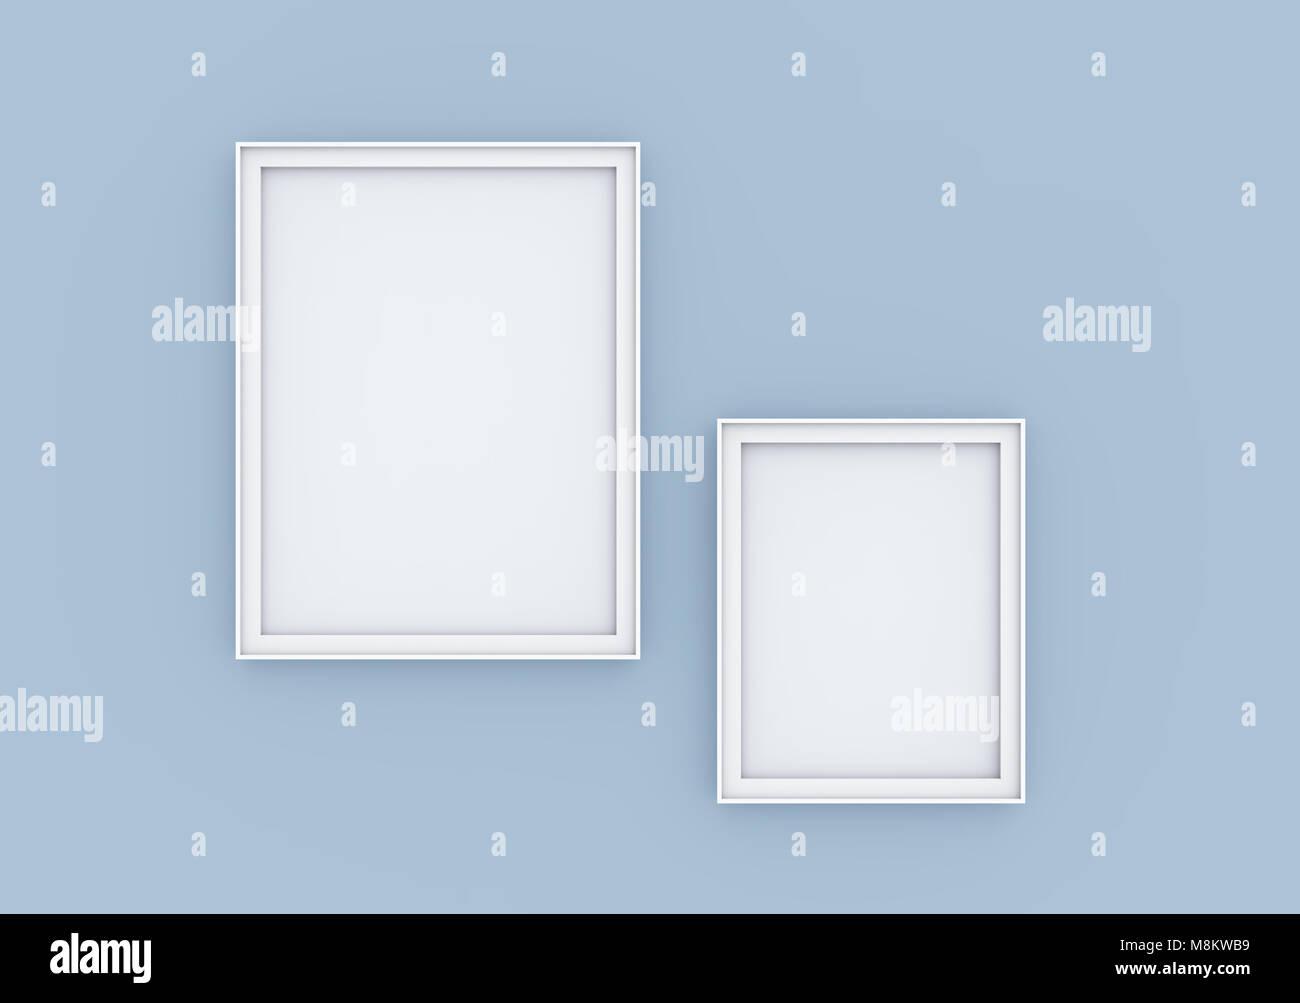 Marco de imagen en blanco boceto, 3D Render conjunto de marcos en la ...